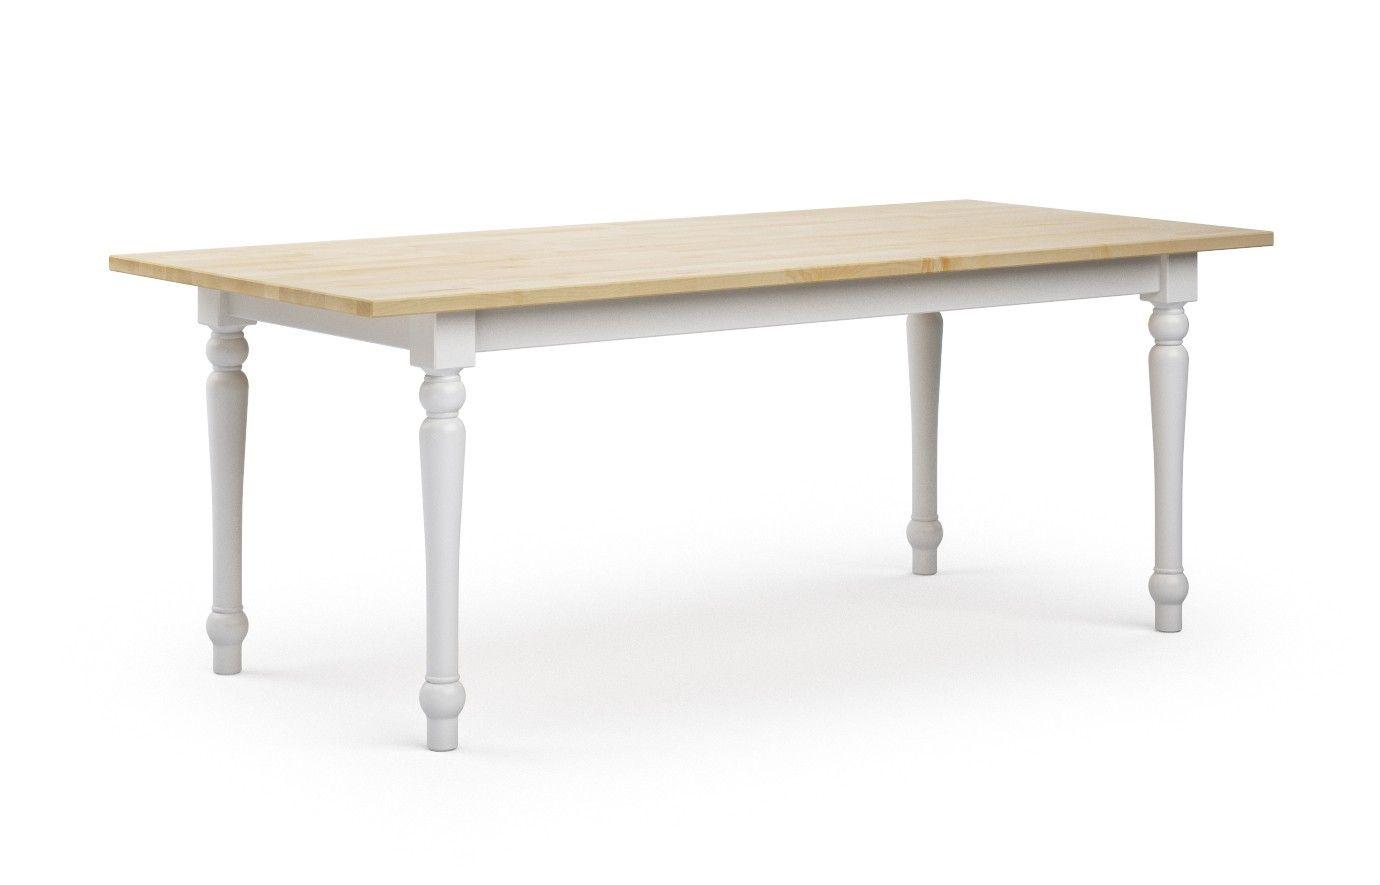 Tisch Ahorn Amuri Massivholz PV 180 X 90 Cm Nein